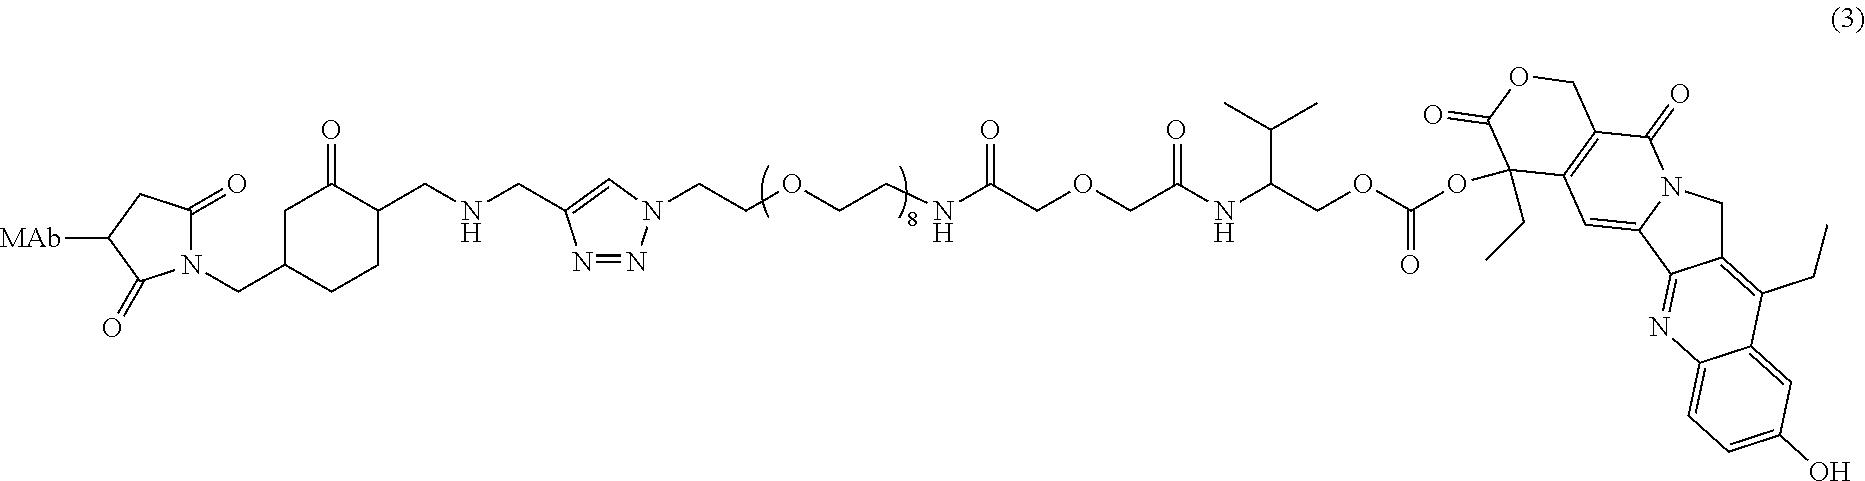 Figure US09226973-20160105-C00002